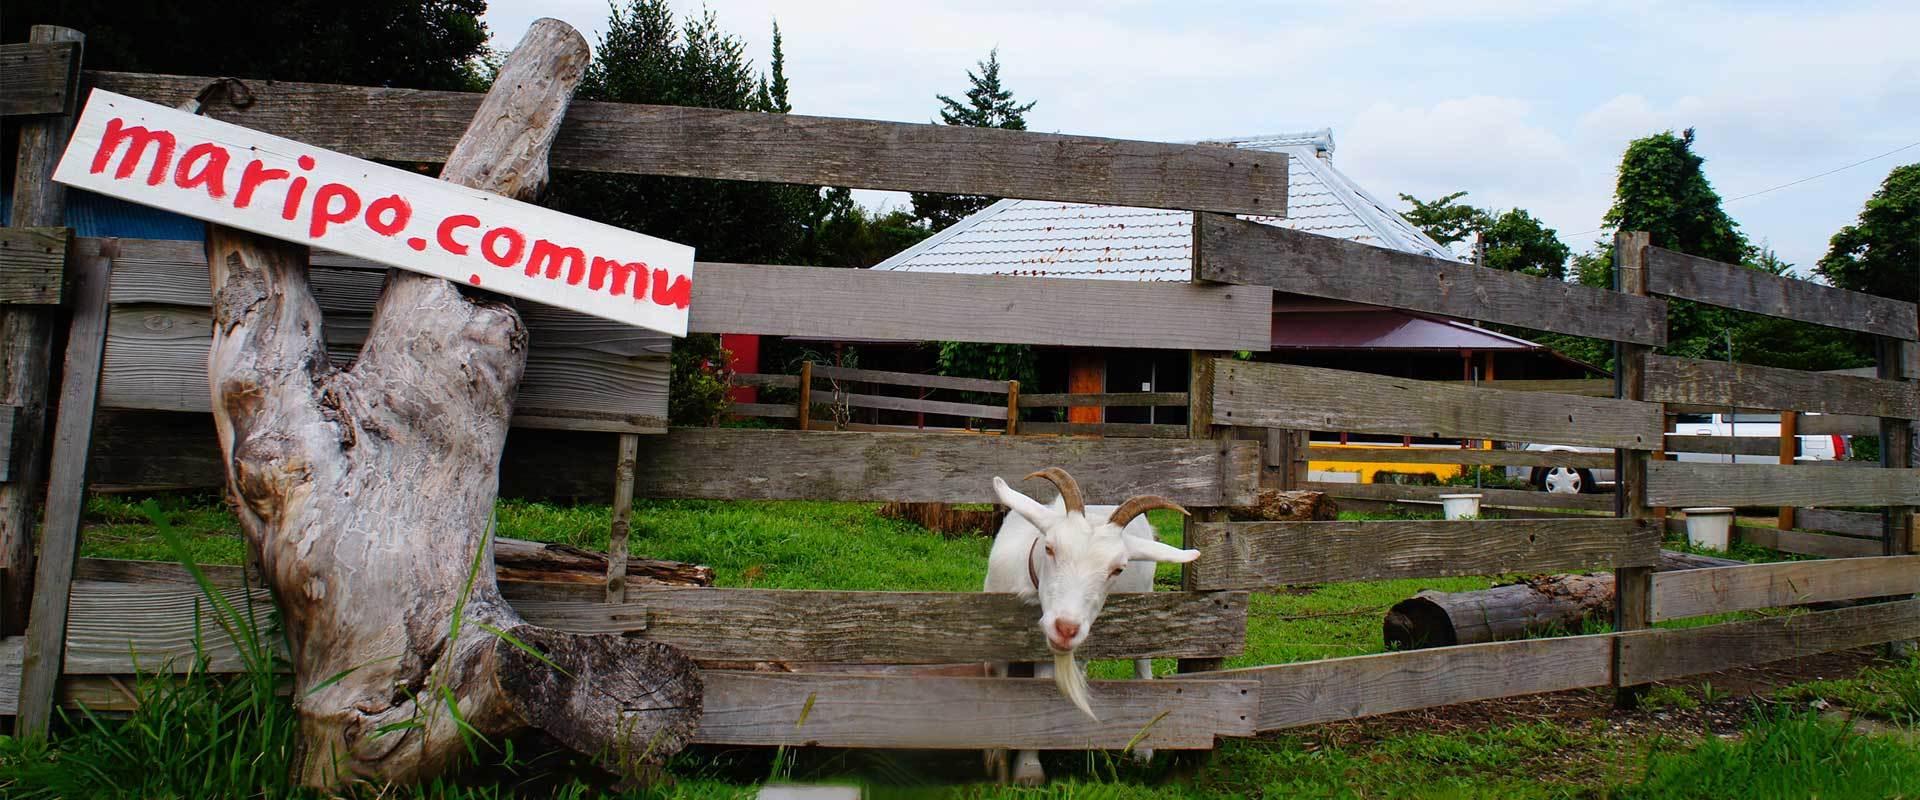 マリポ農園メイン画像